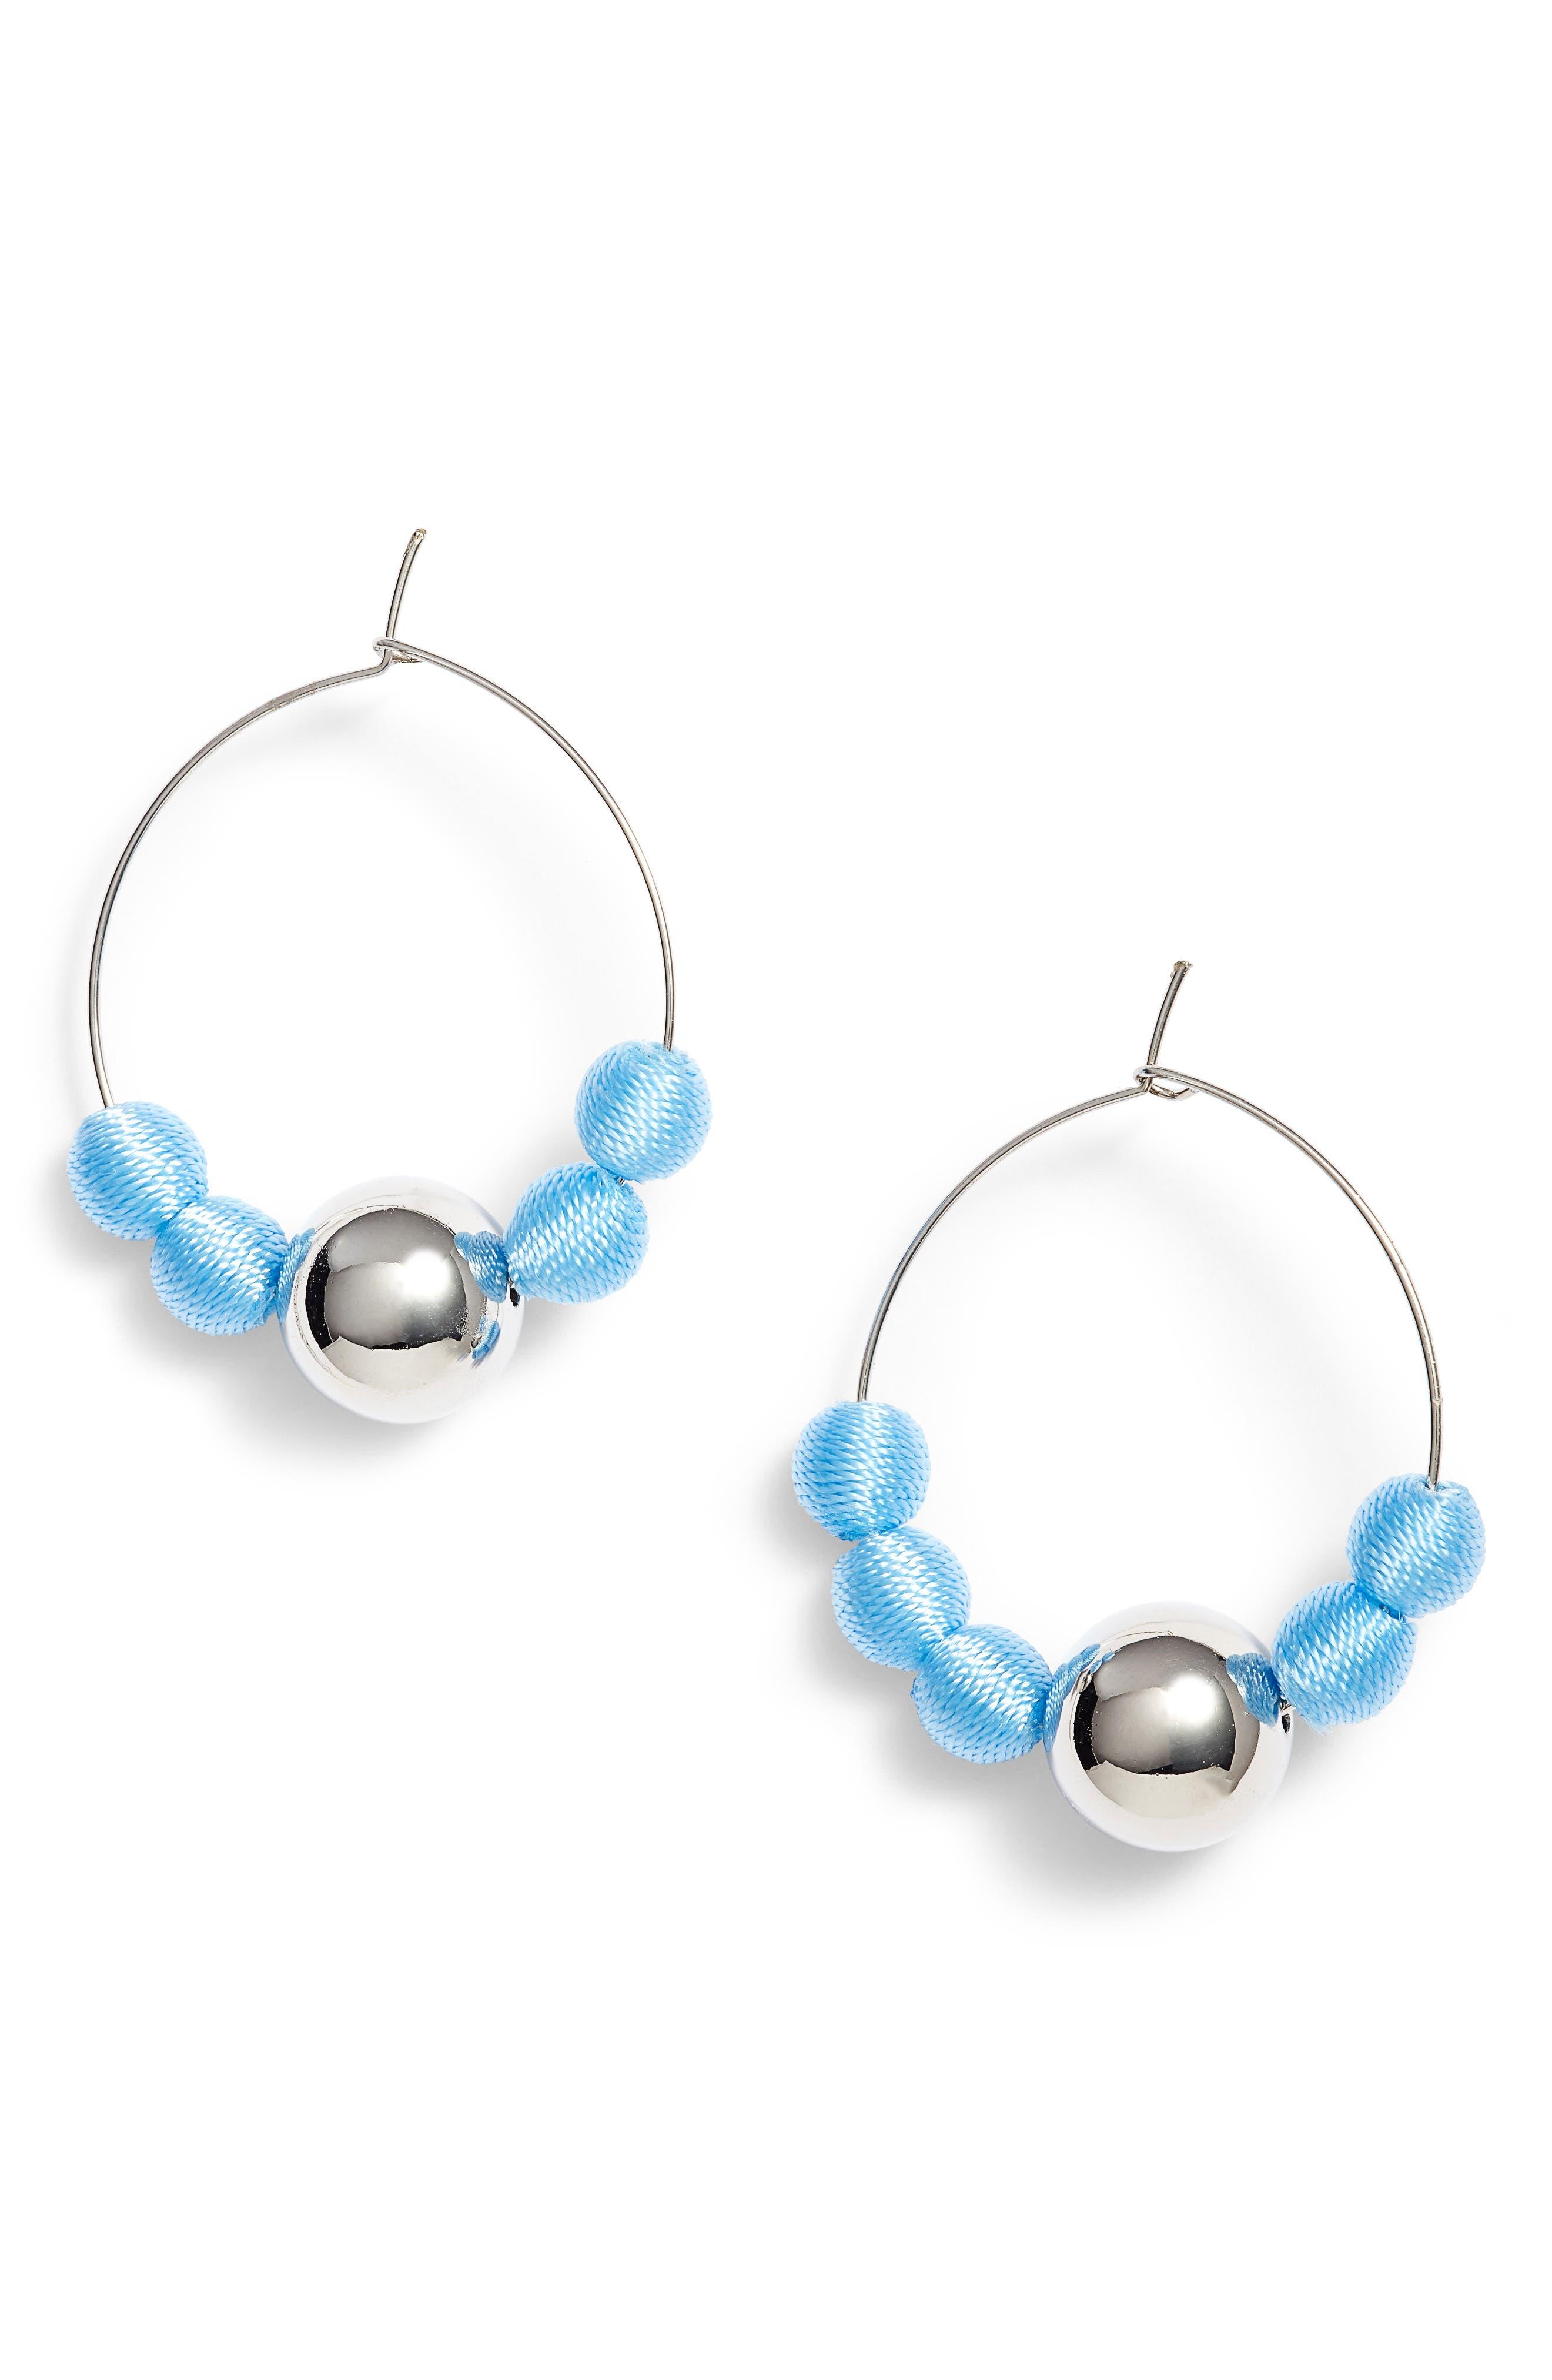 Threaded Sphere Hoop Earrings,                         Main,                         color, Blue/ Silver